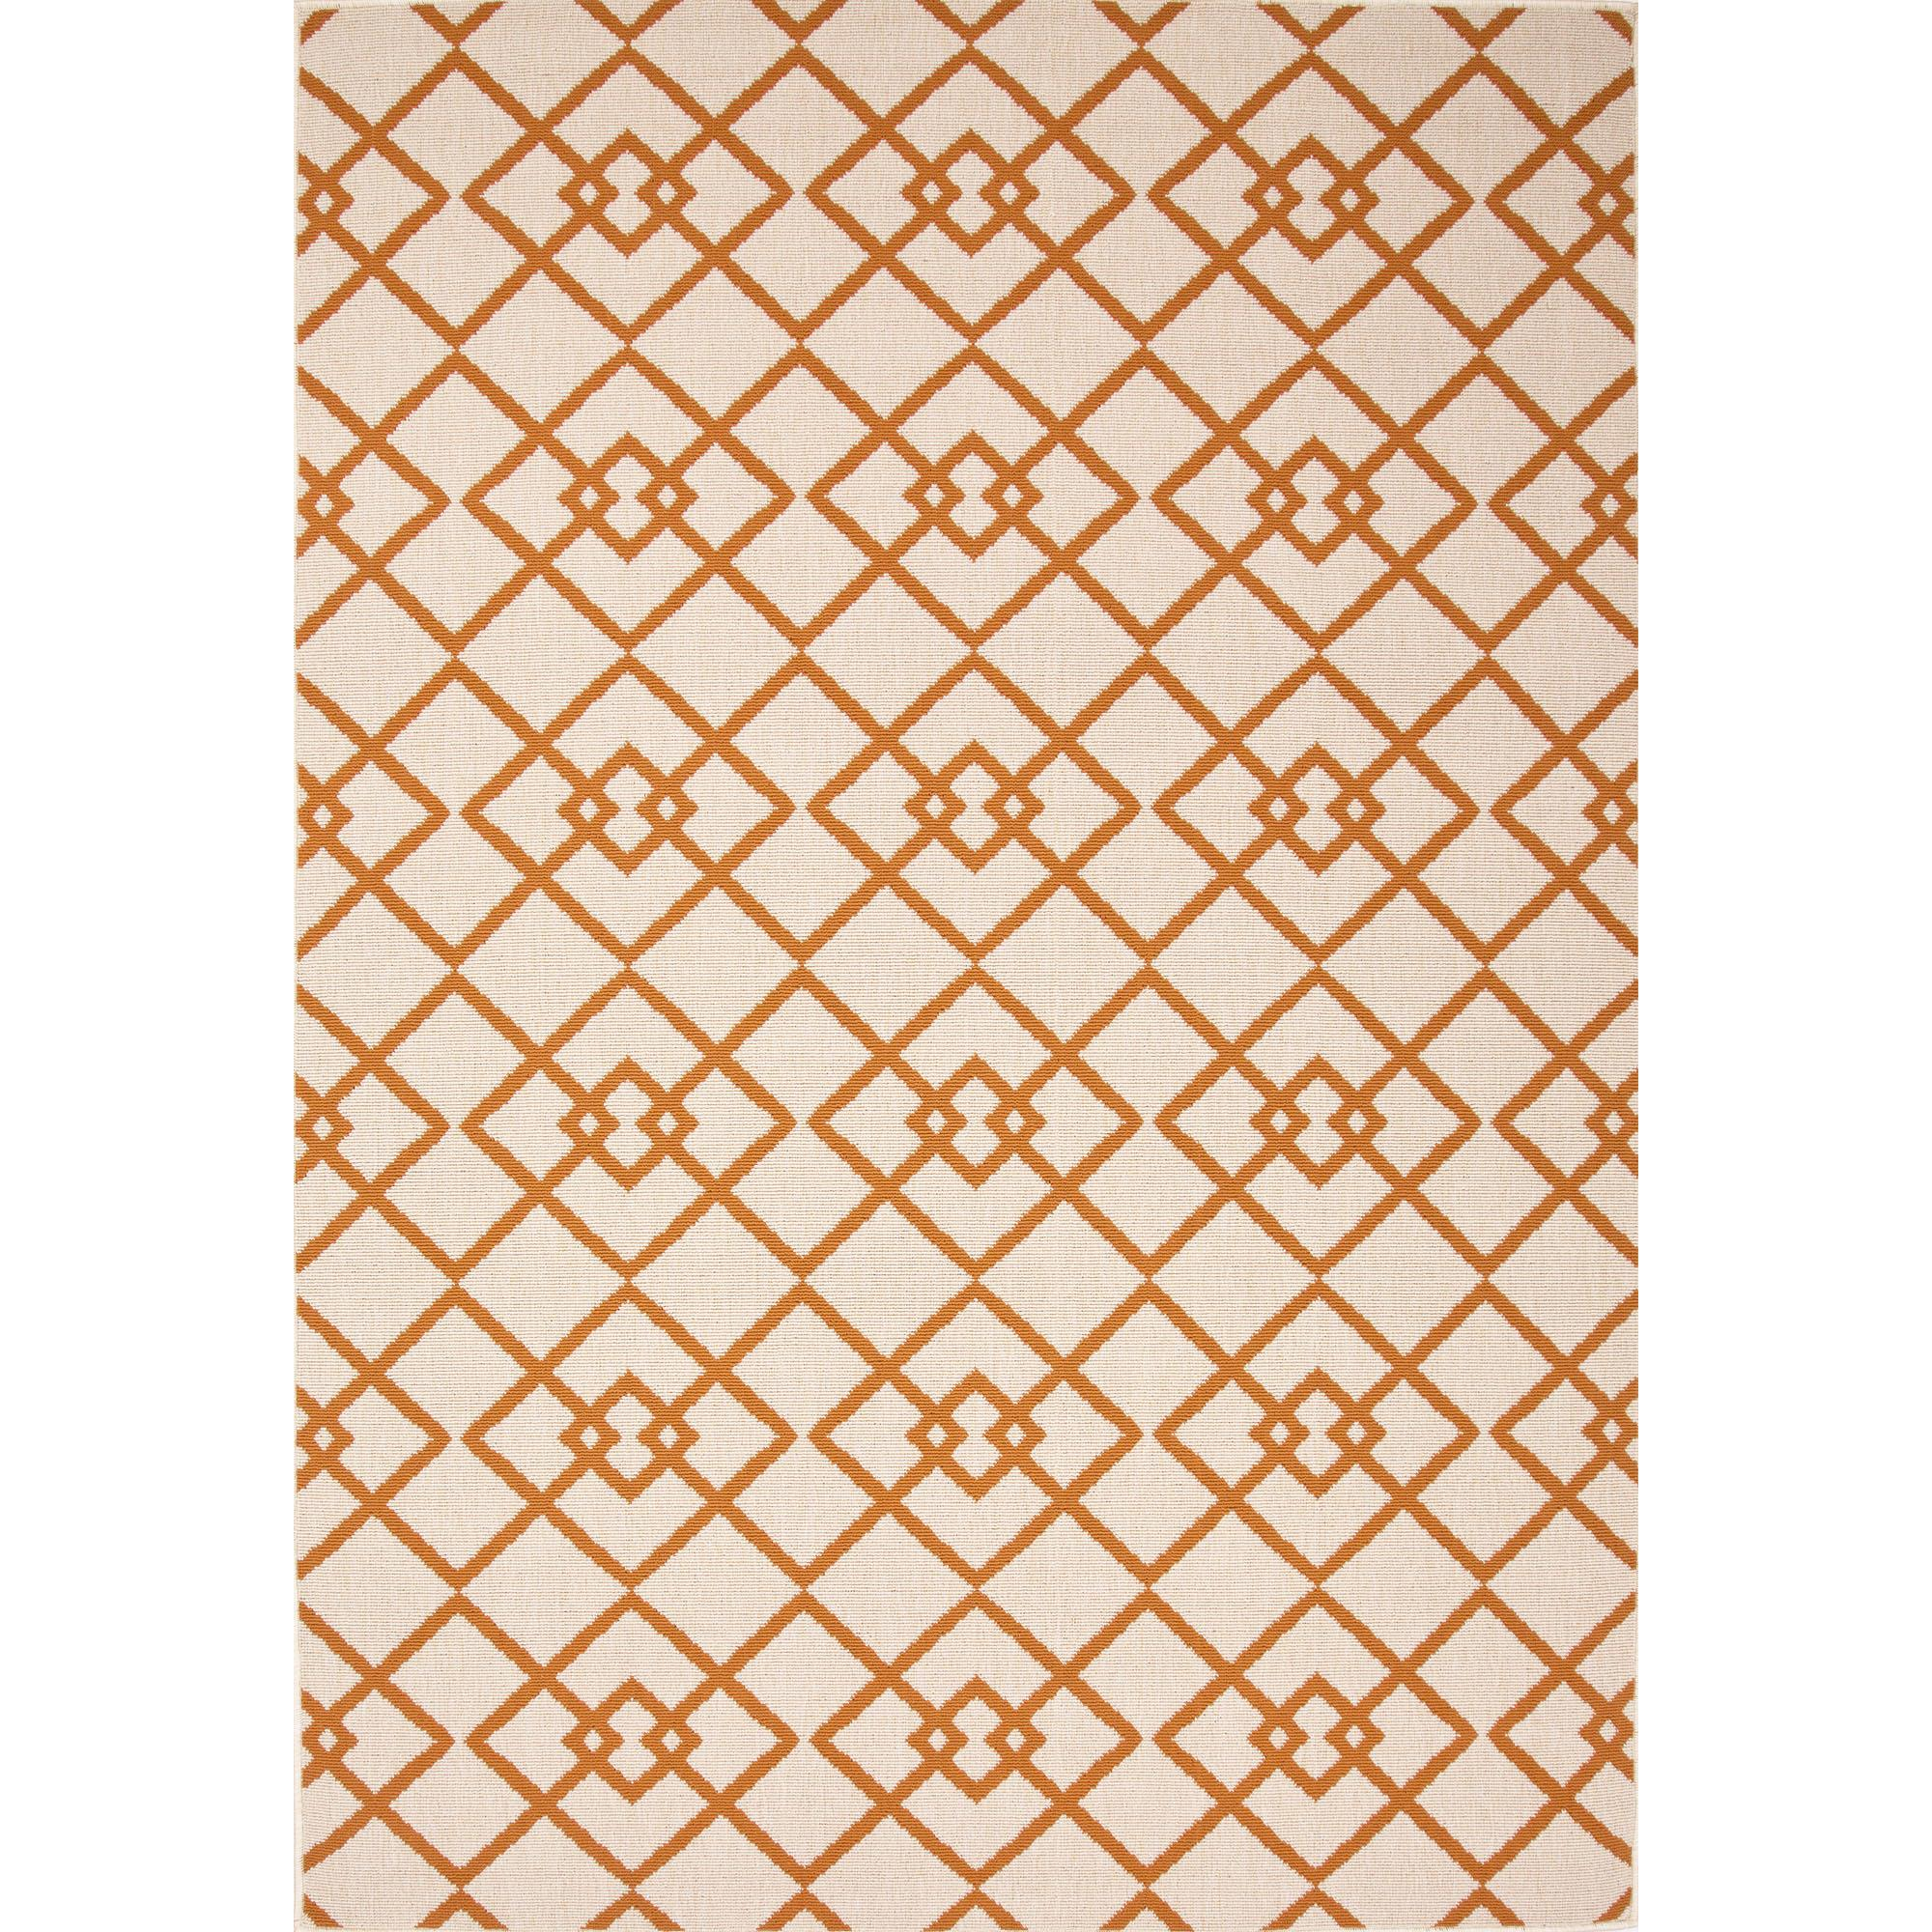 JAIPUR Rugs Bloom 7.11 x 10 Rug - Item Number: RUG121636